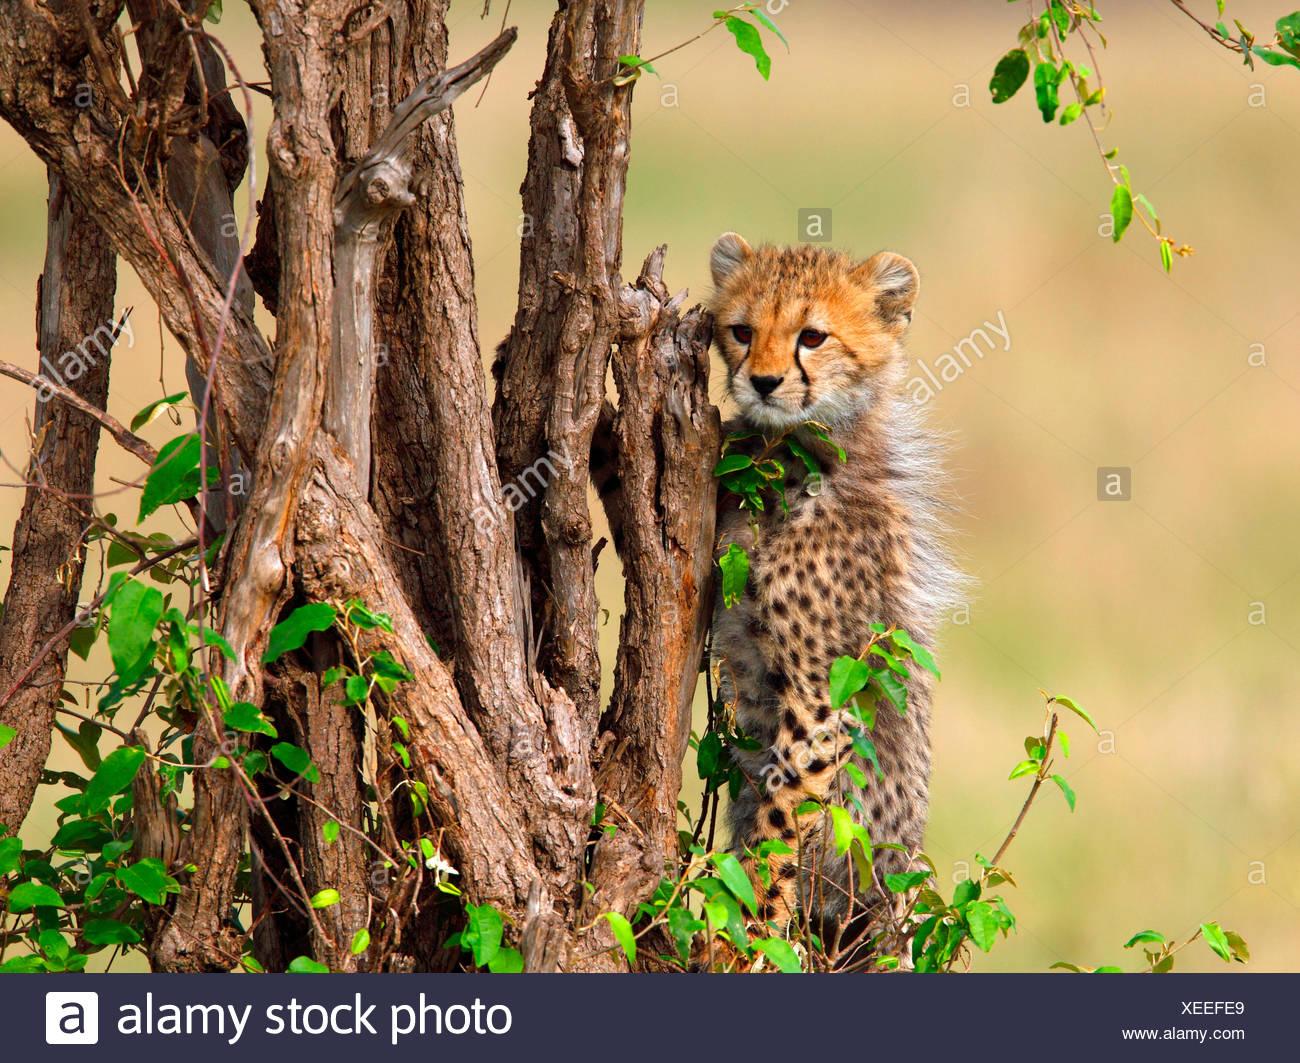 cheetah (Acinonyx jubatus), behind a tree, Kenya, Masai Mara National Park - Stock Image